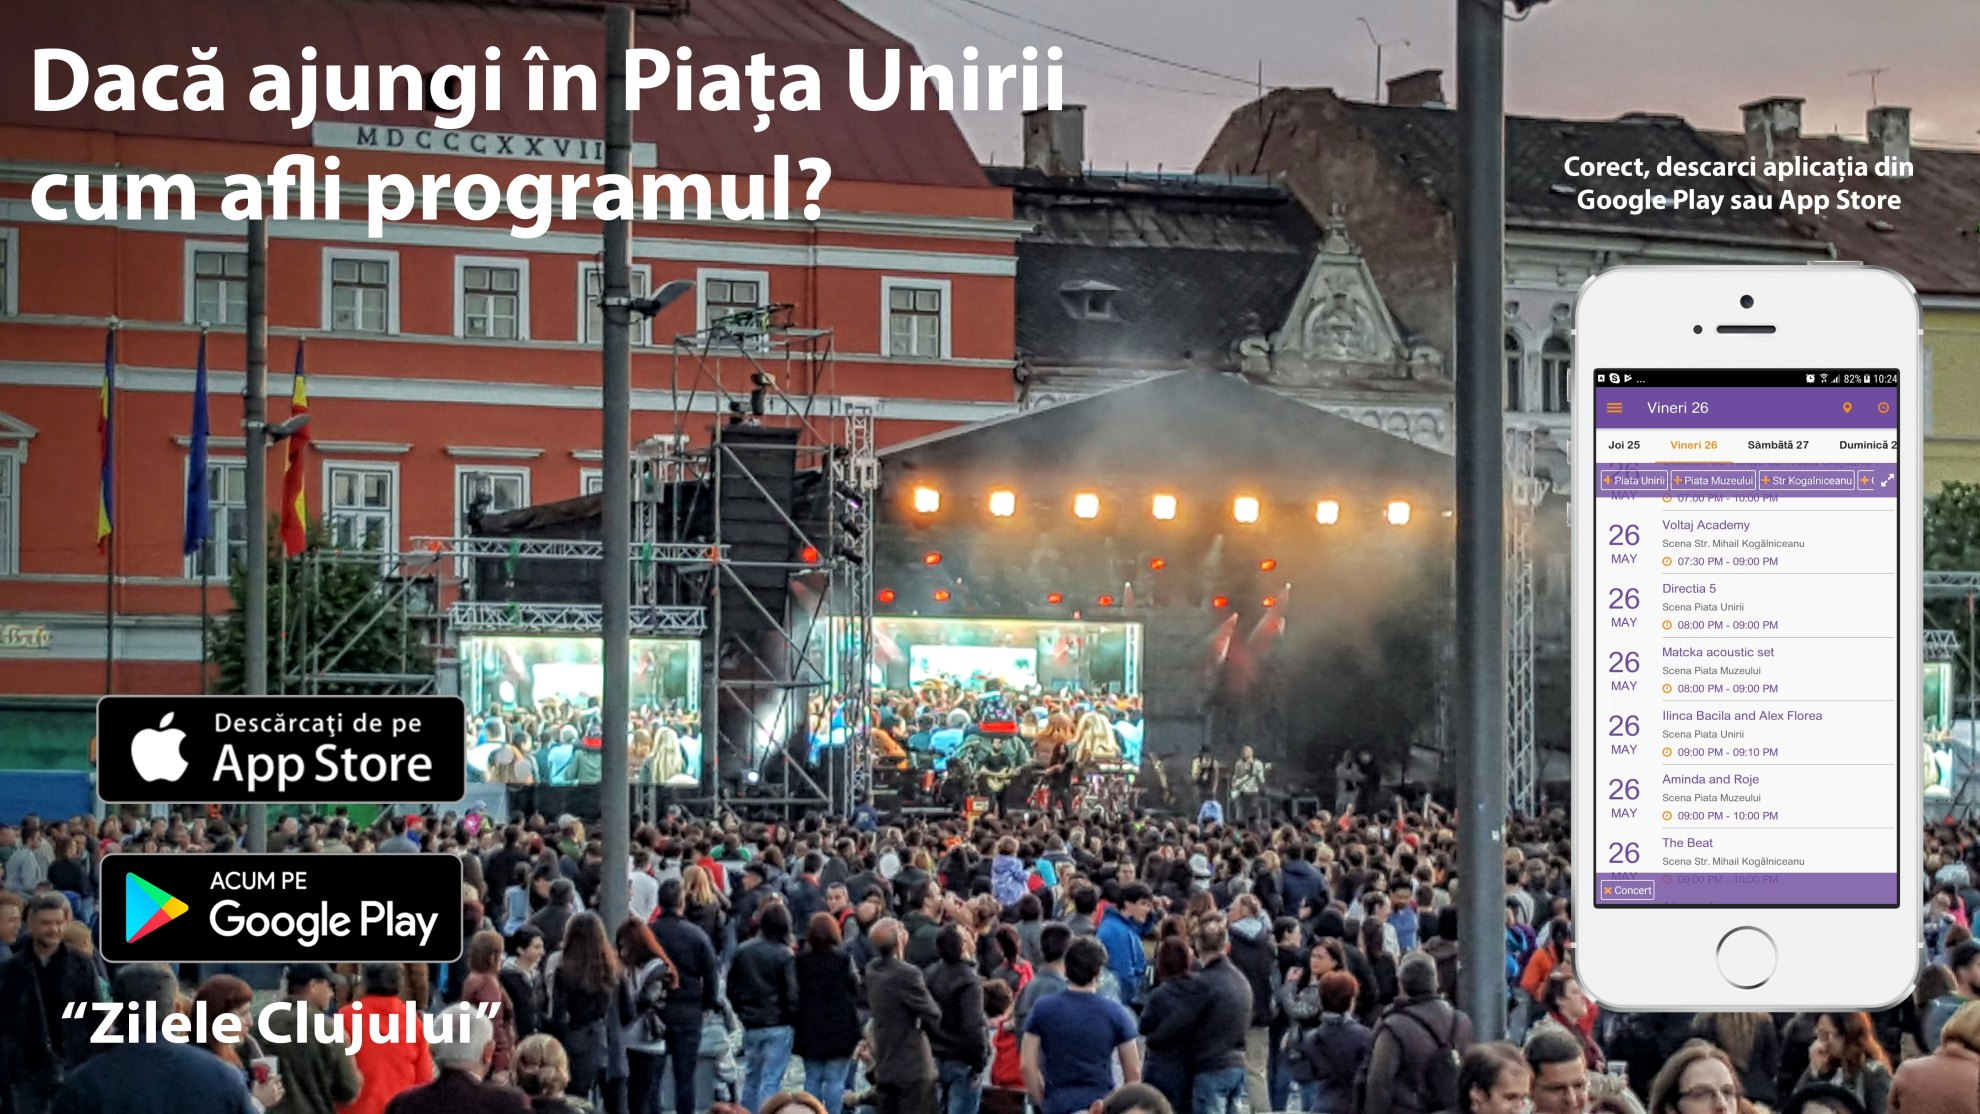 Zilele Clujului are o aplicatie mobila incepand de anul acesta! Descarc-o si tu!